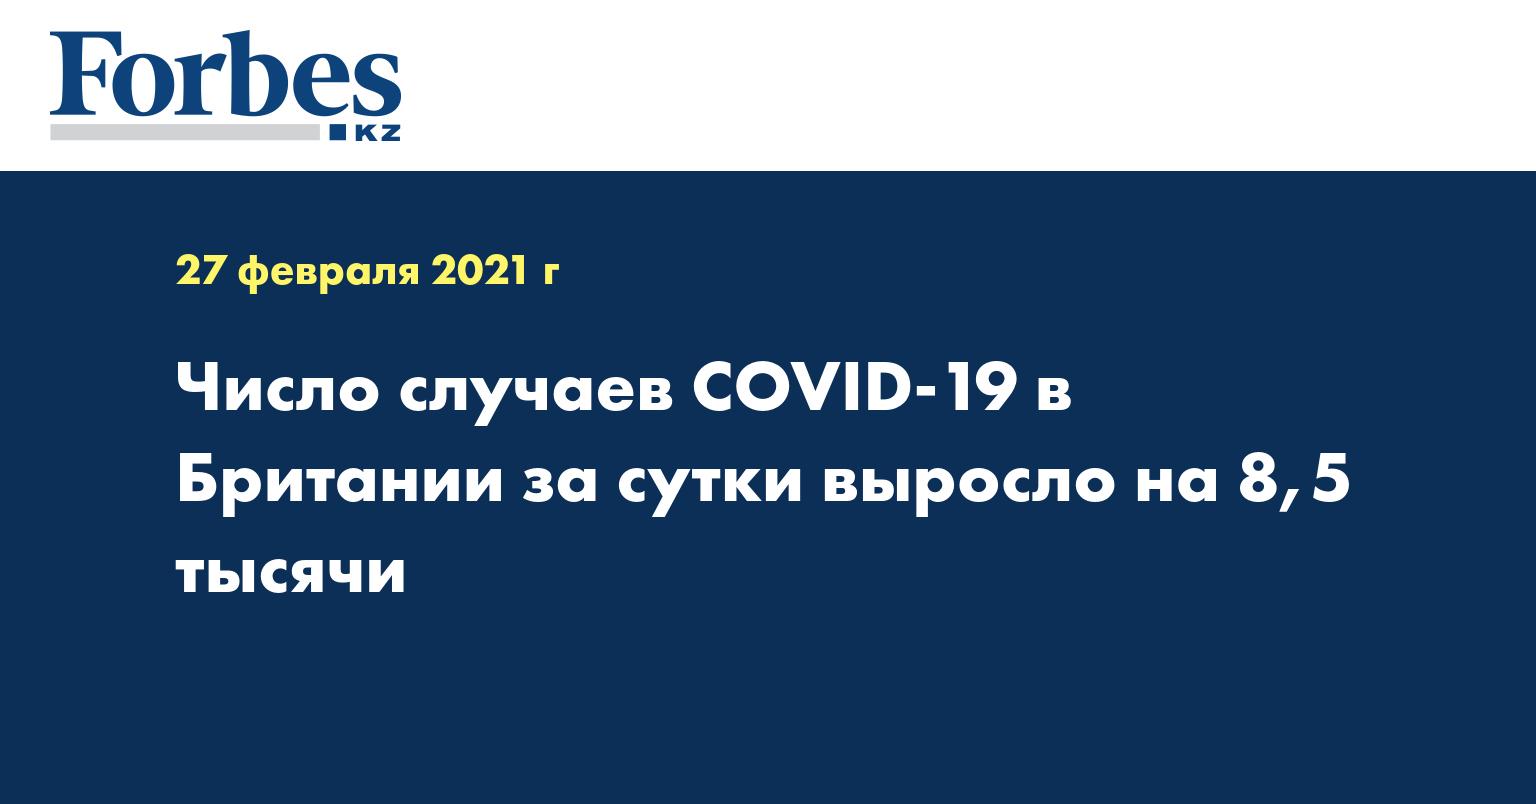 Число случаев COVID-19 в Британии за сутки выросло на 8,5 тысячи